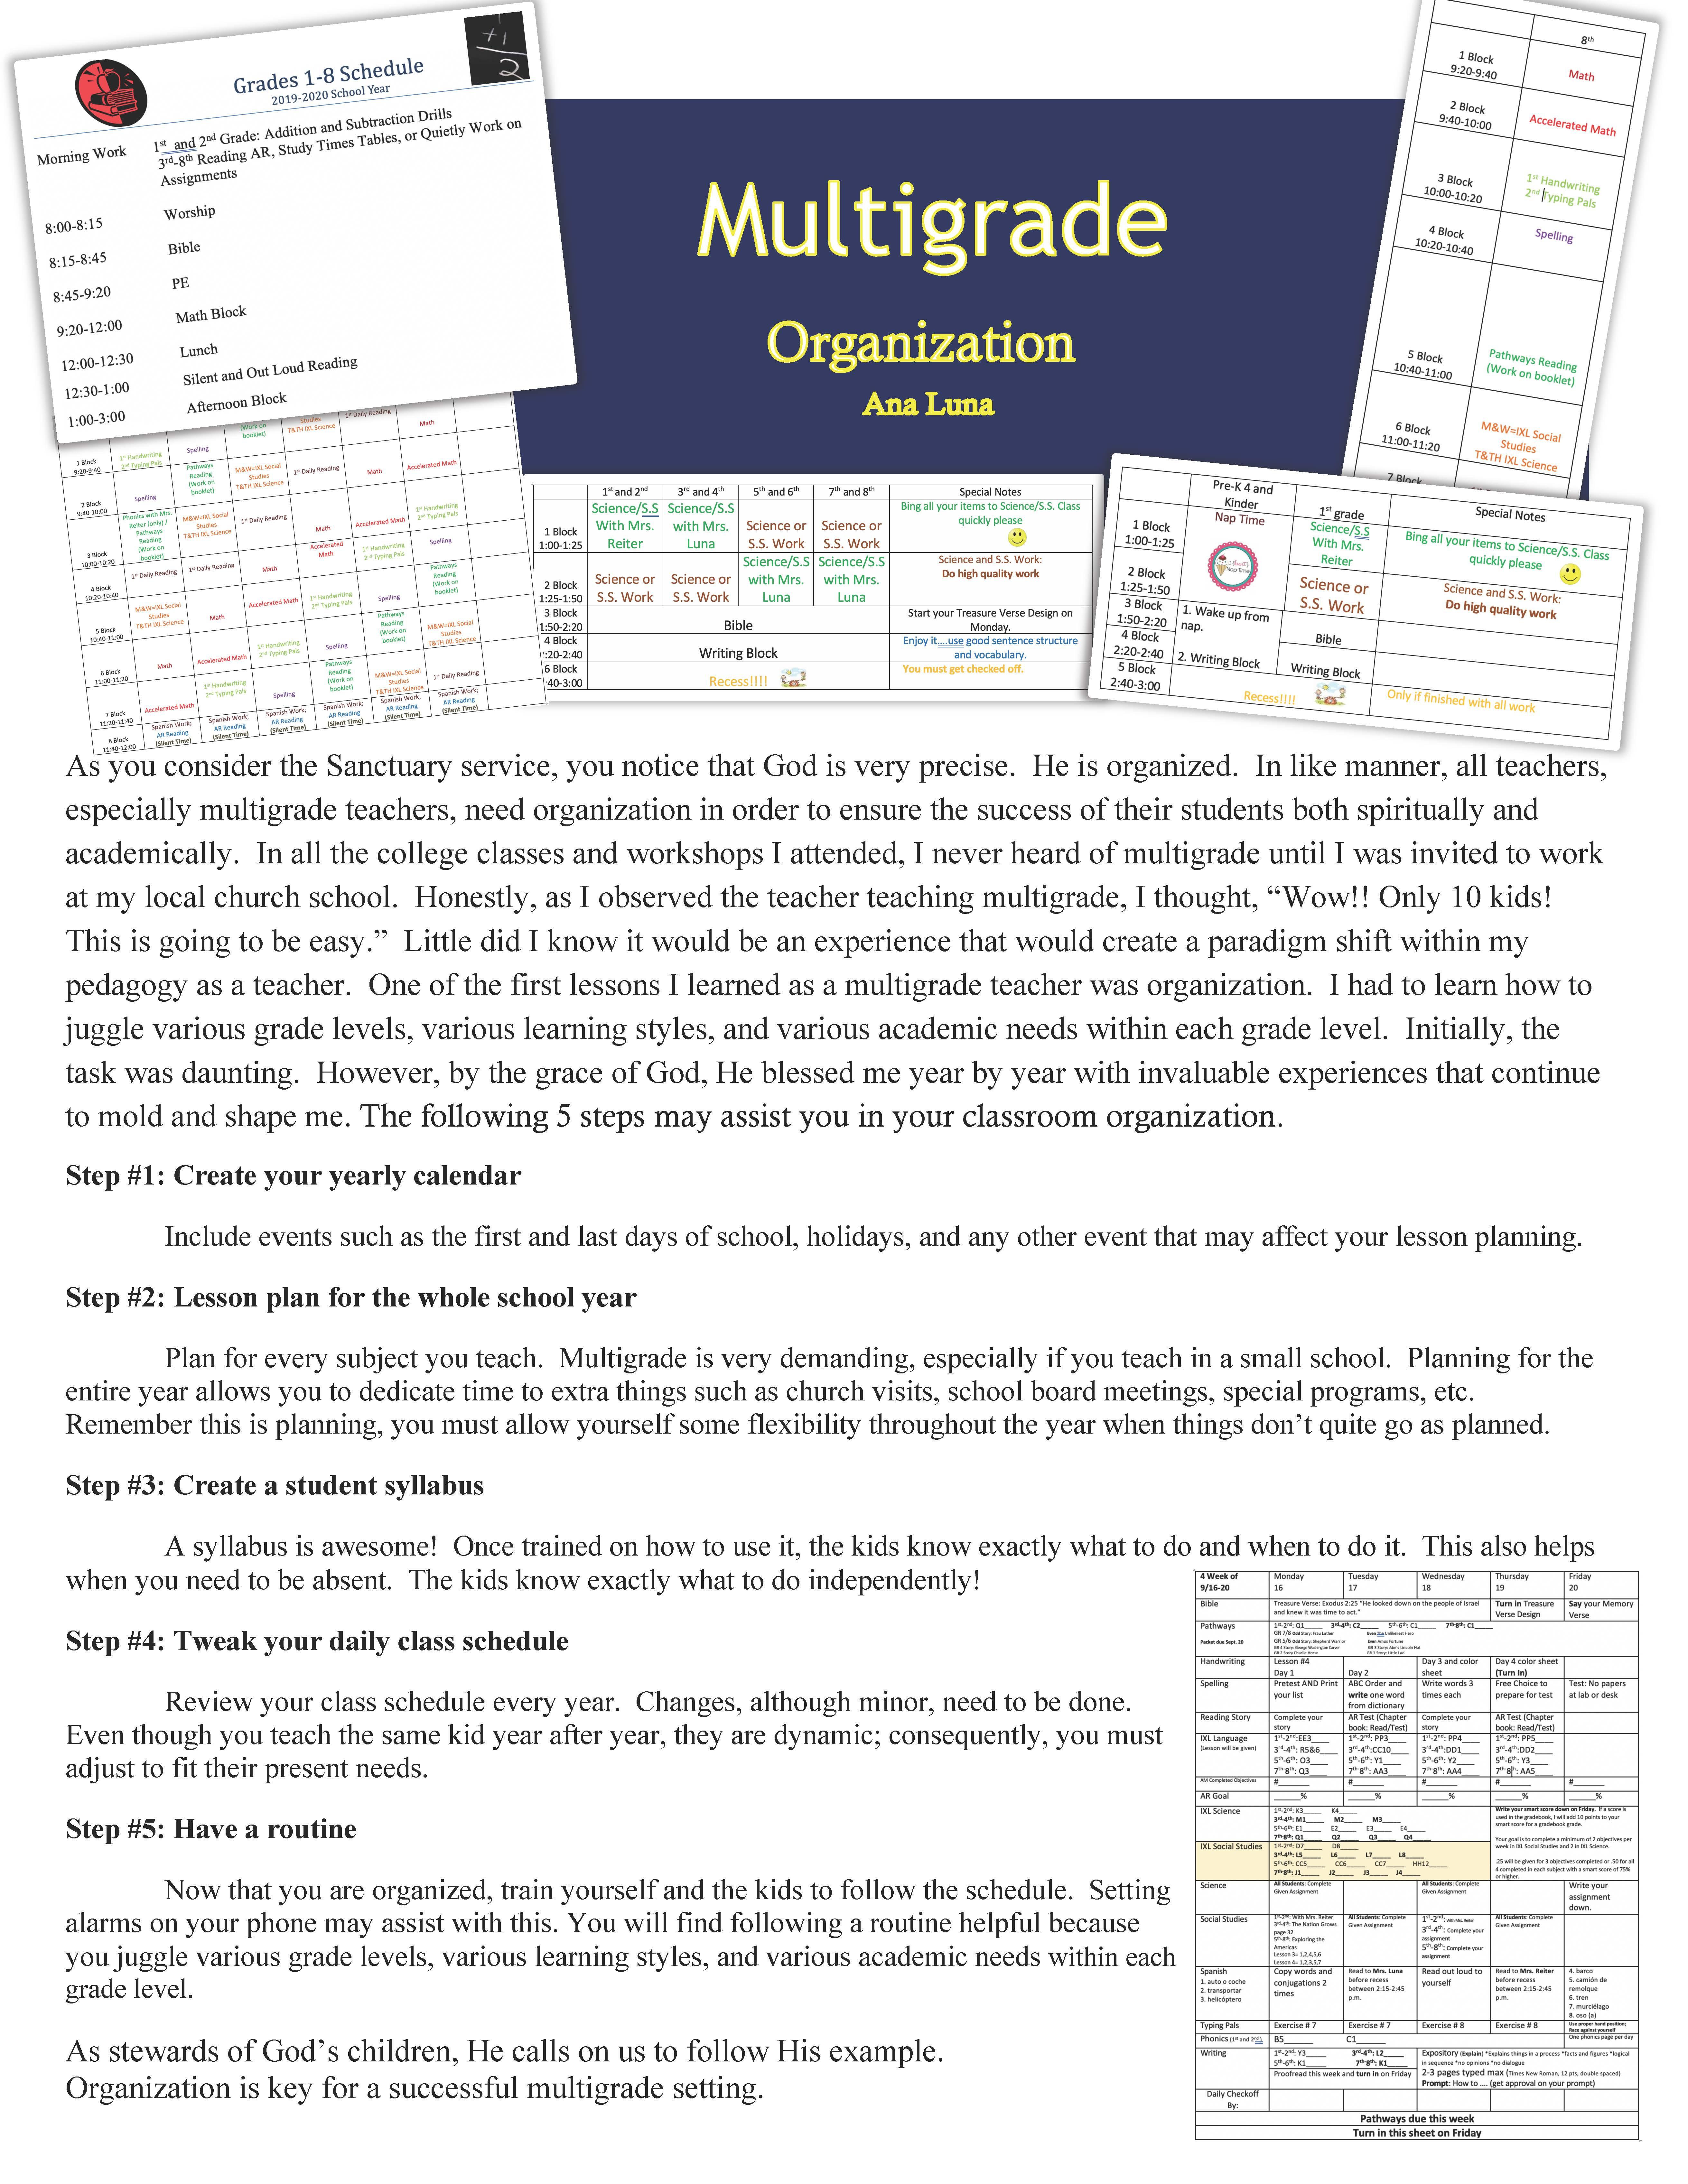 Multigrade Organization